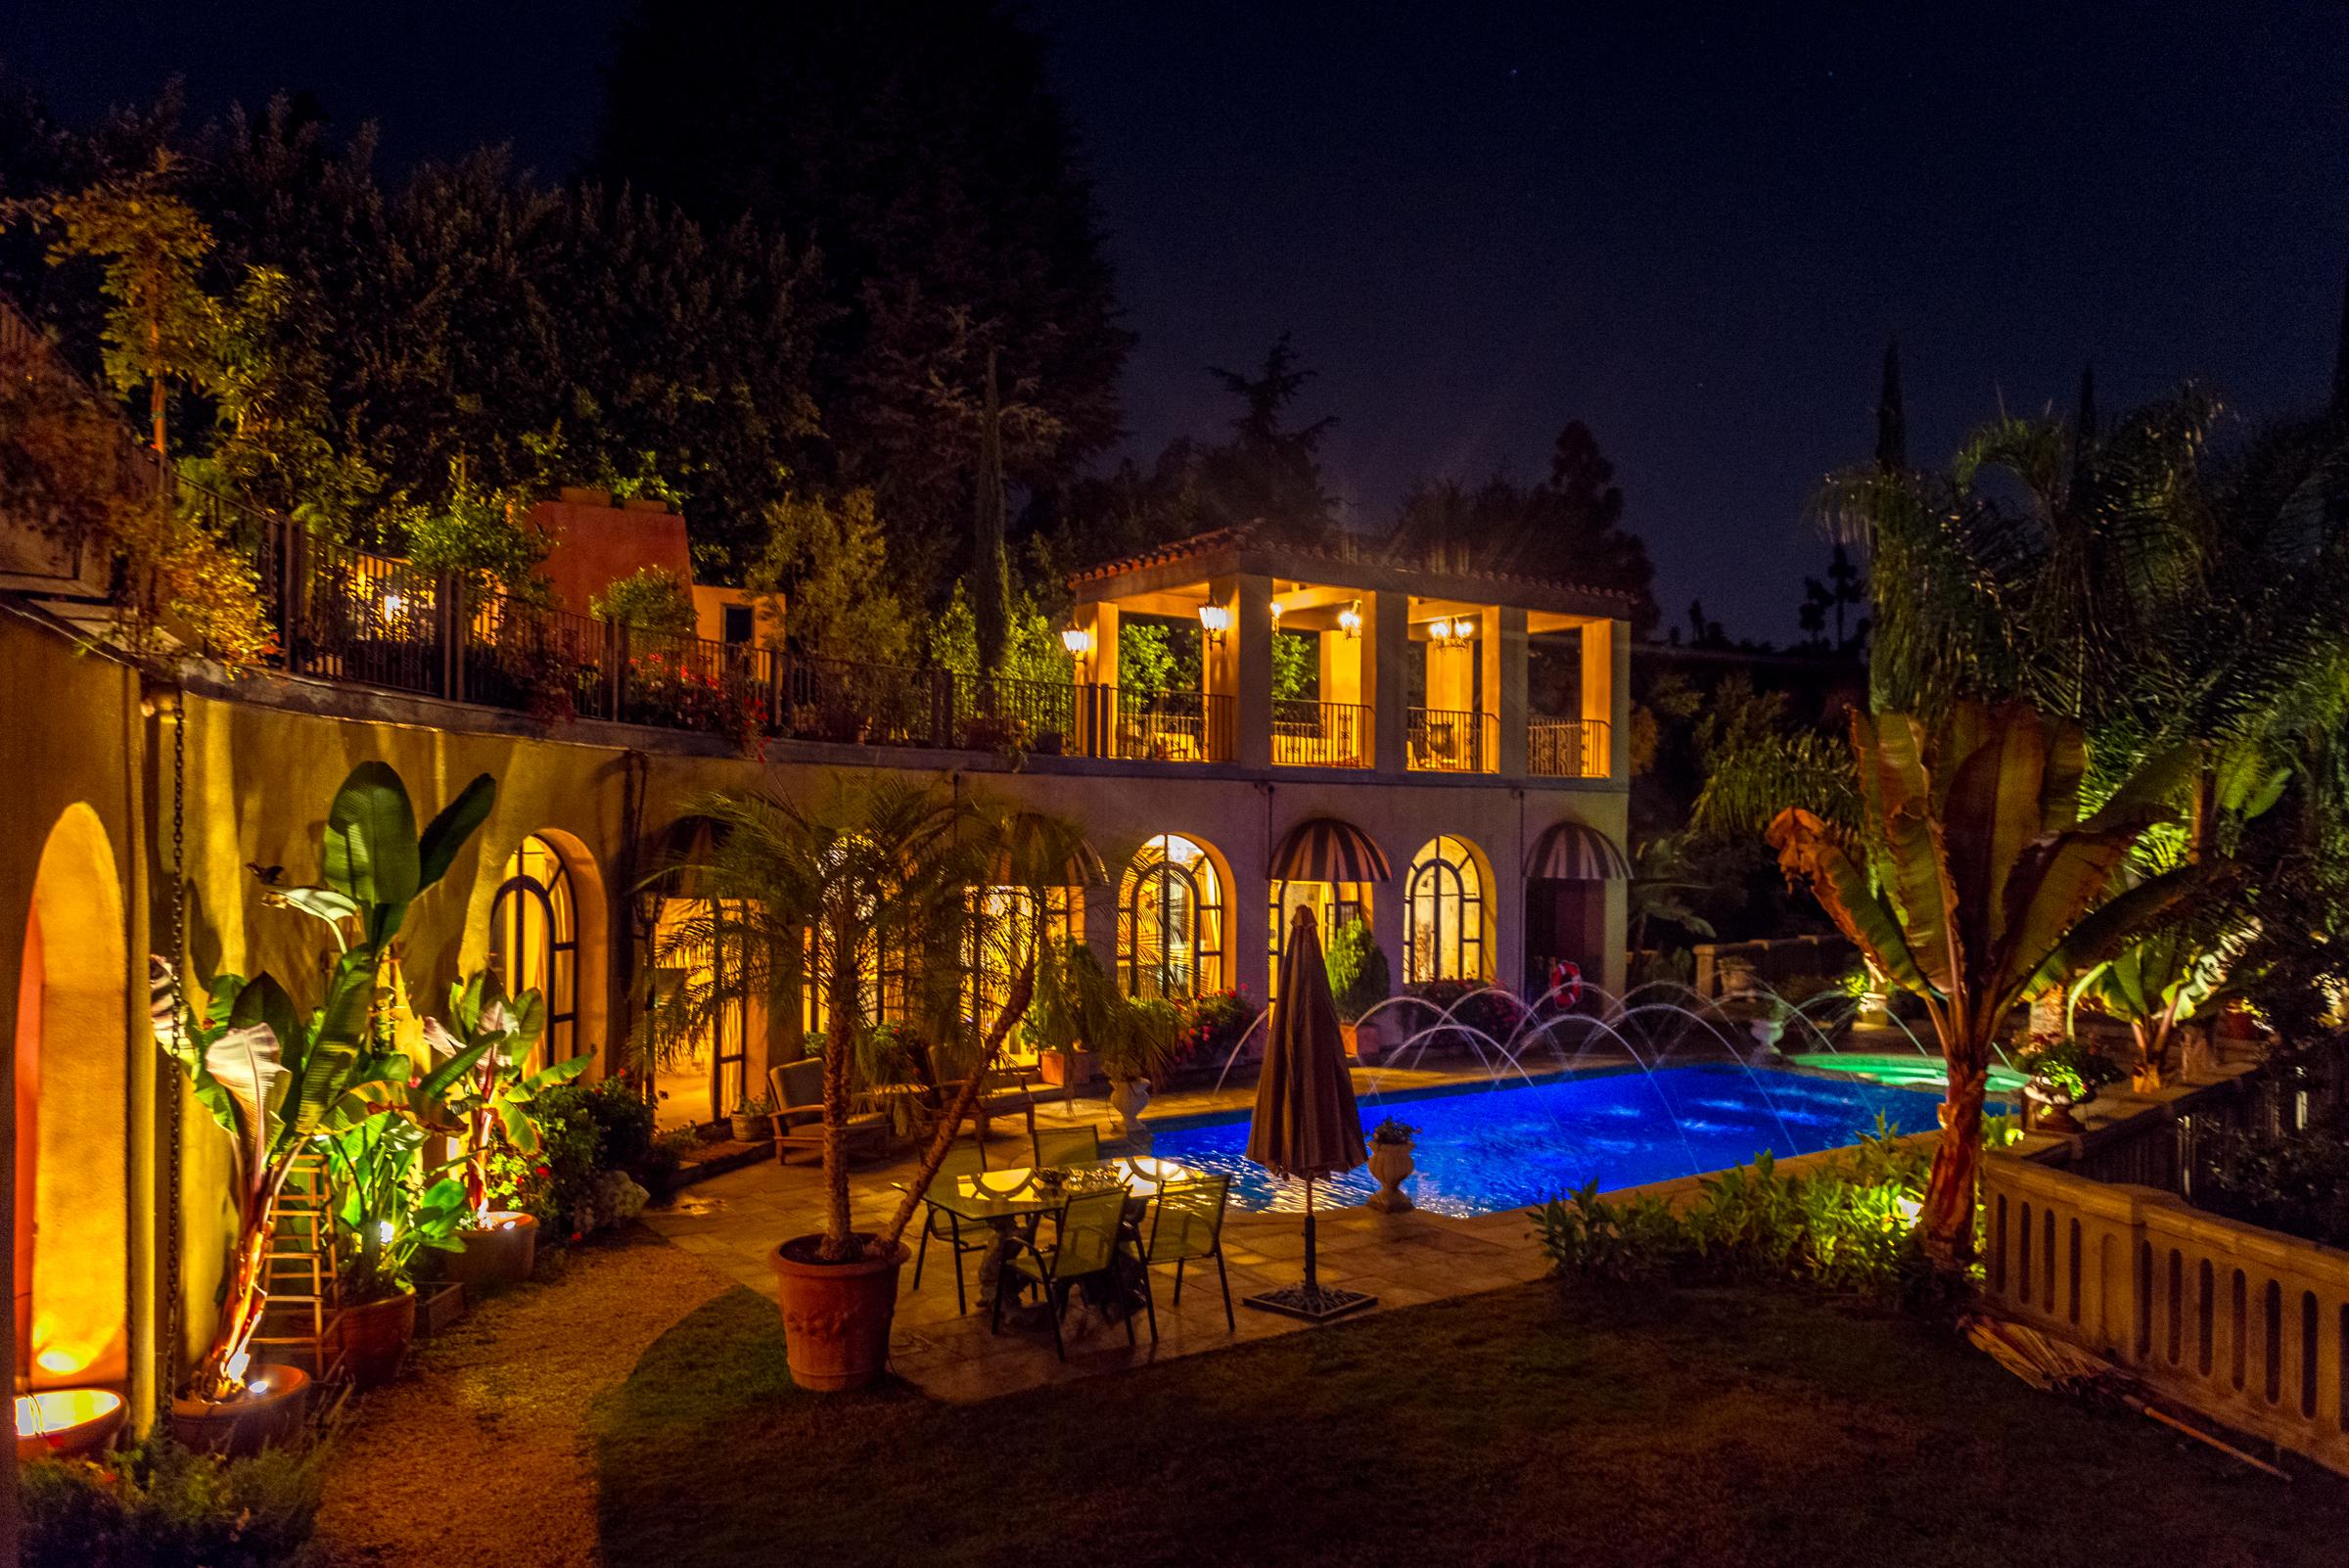 Historic Old Hollywood Tuscan Villa in Los Feliz Los Angeles CA | Production | Peerspace & Historic Old Hollywood Tuscan Villa in Los Feliz Los Angeles CA ... azcodes.com